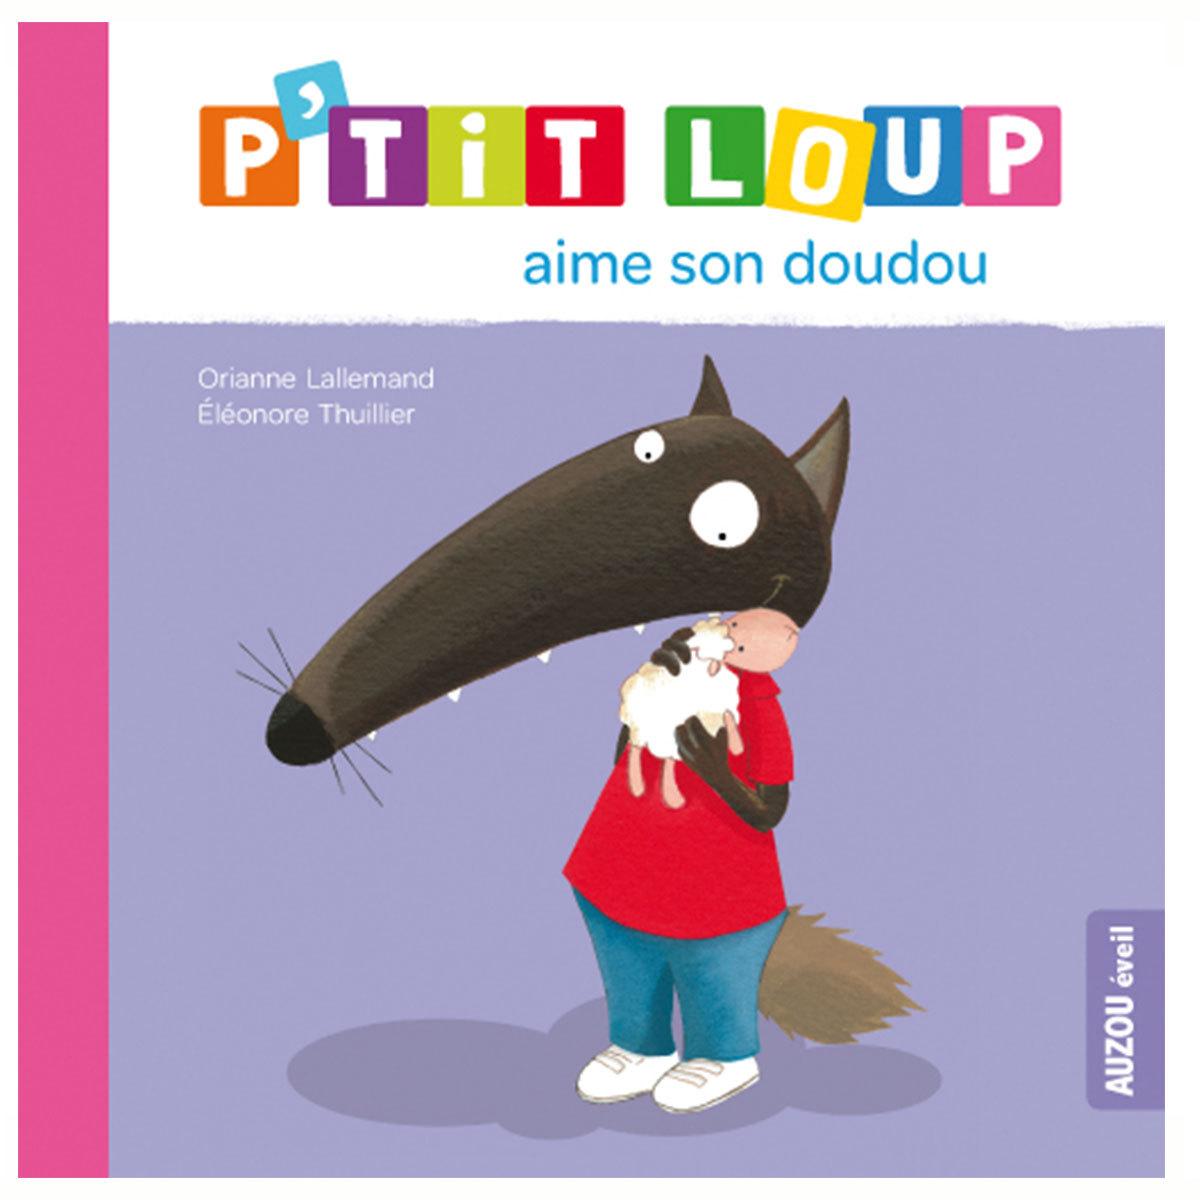 Livre & Carte P'tit Loup aime son doudou P'tit Loup aime son doudou